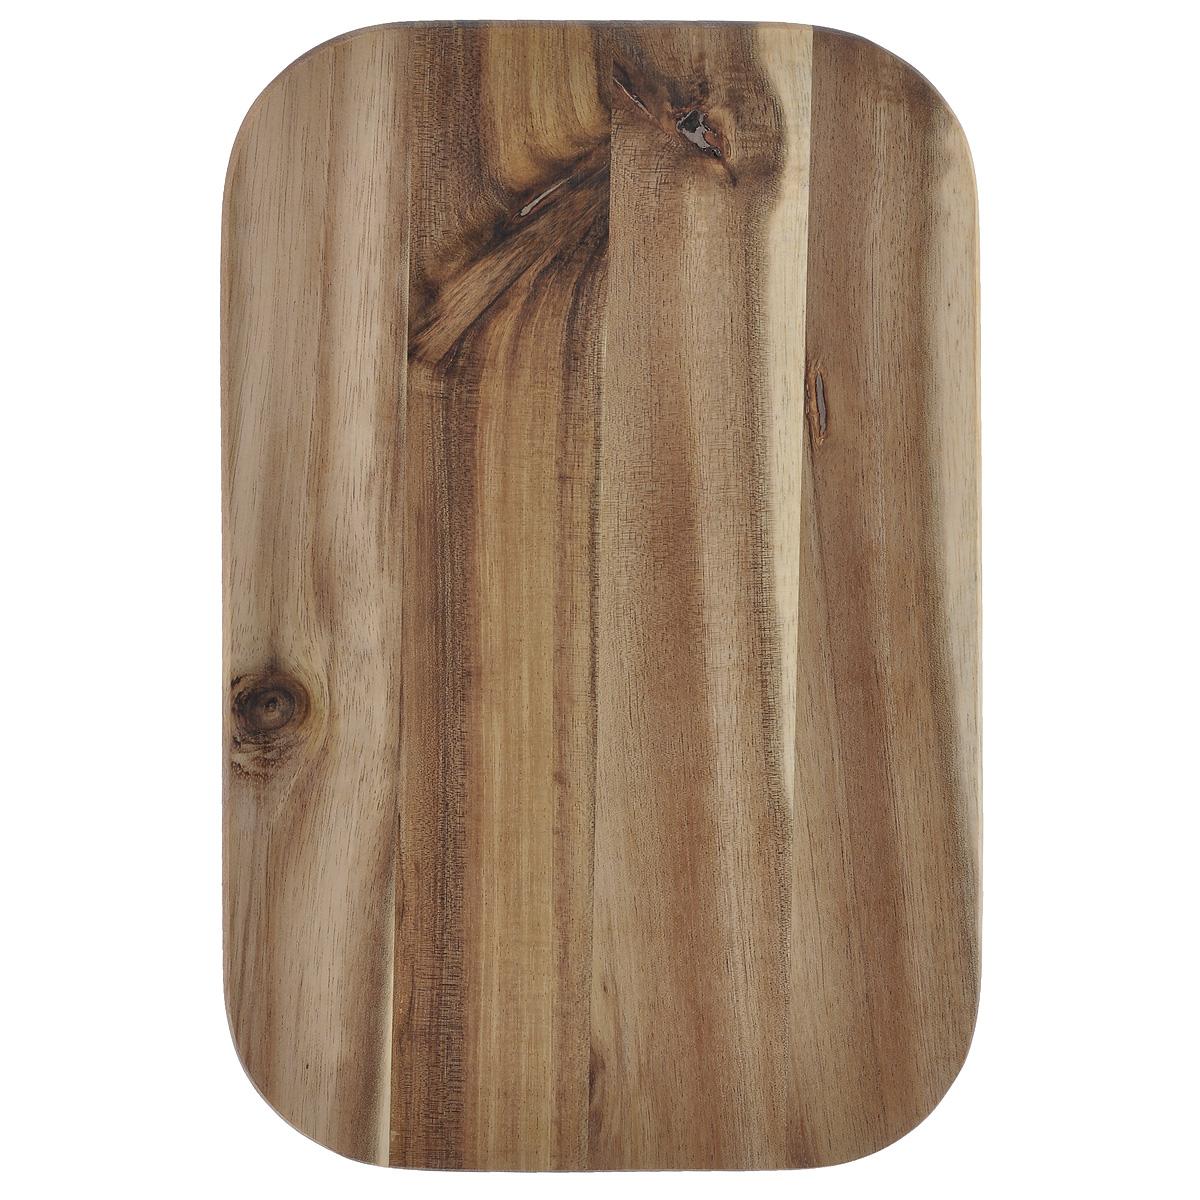 Доска разделочная Kesper, 23 см х 15 см. 2340-0859853, 1000815Разделочная доска Kesper изготовлена из натурального дерева акации. Благодаря среднему размеру на ней удобно разделывать различные продукты и она не занимает много места.Функциональная и простая в использовании, разделочная доска Kesper прекрасно впишется в интерьер любой кухни и прослужит вам долгие годы. Для мытья использовать неабразивные моющие средства.